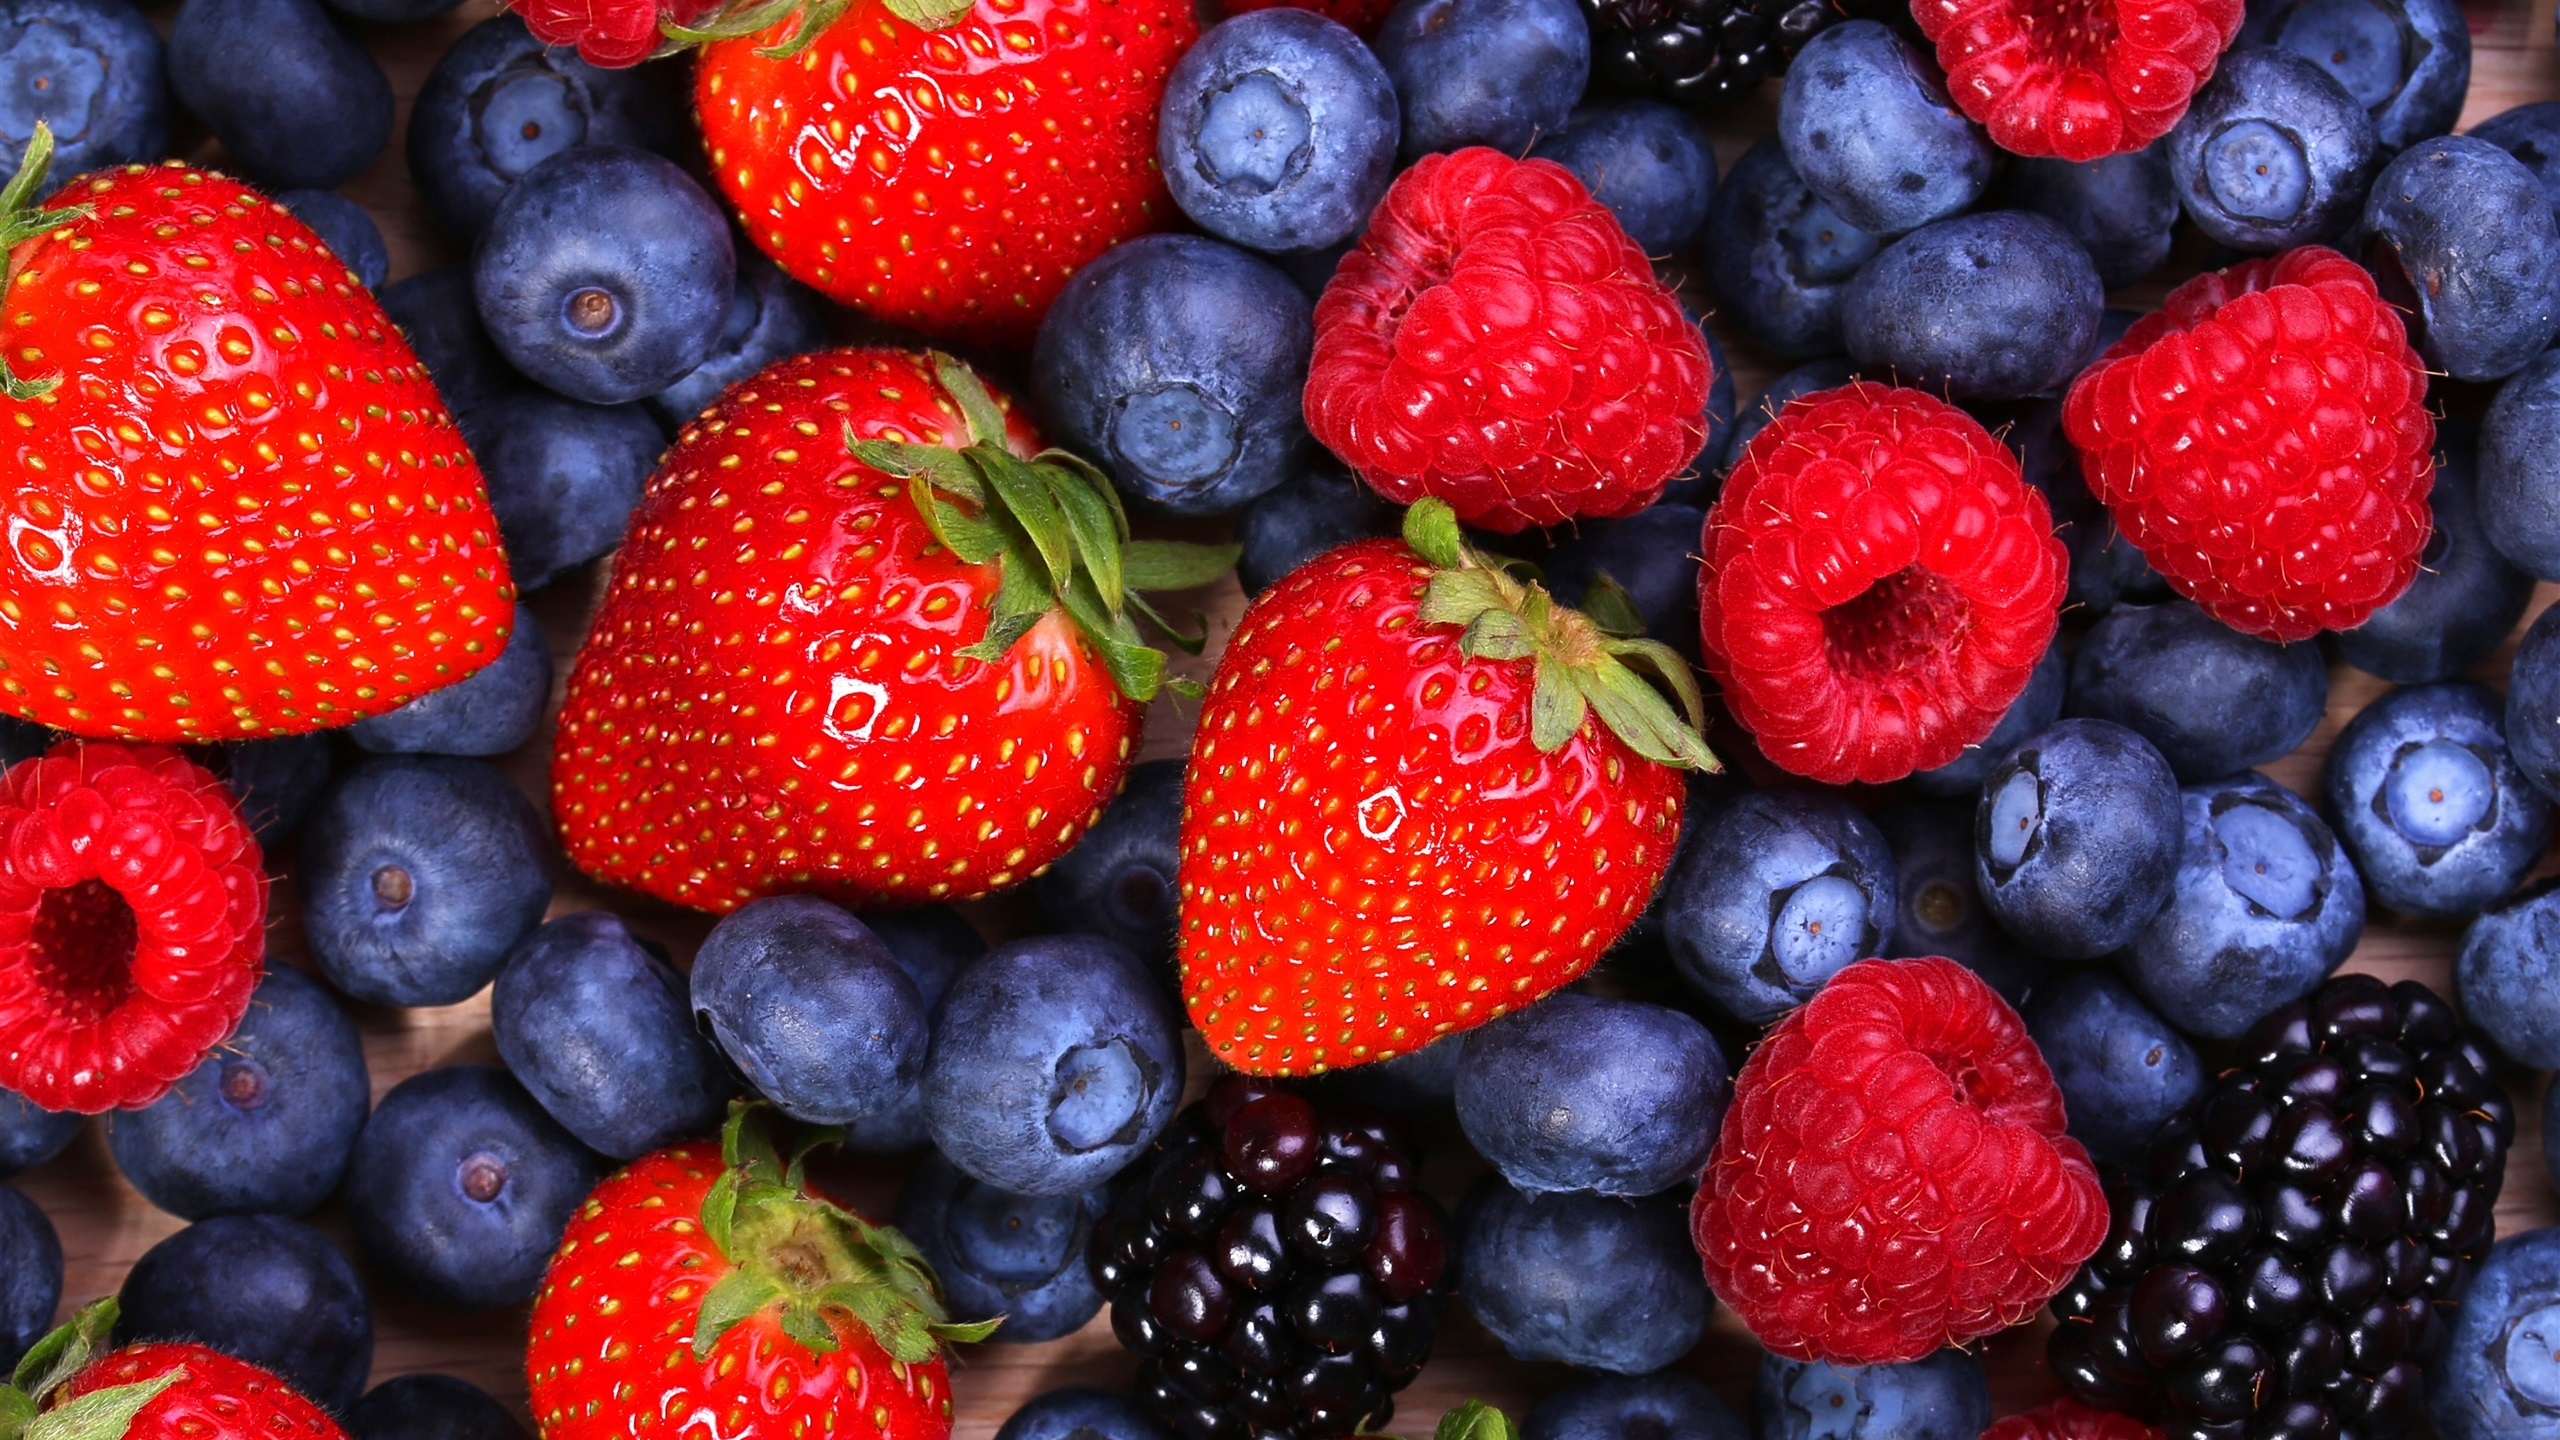 Strawberry Blackberry Raspberry 2560x1440